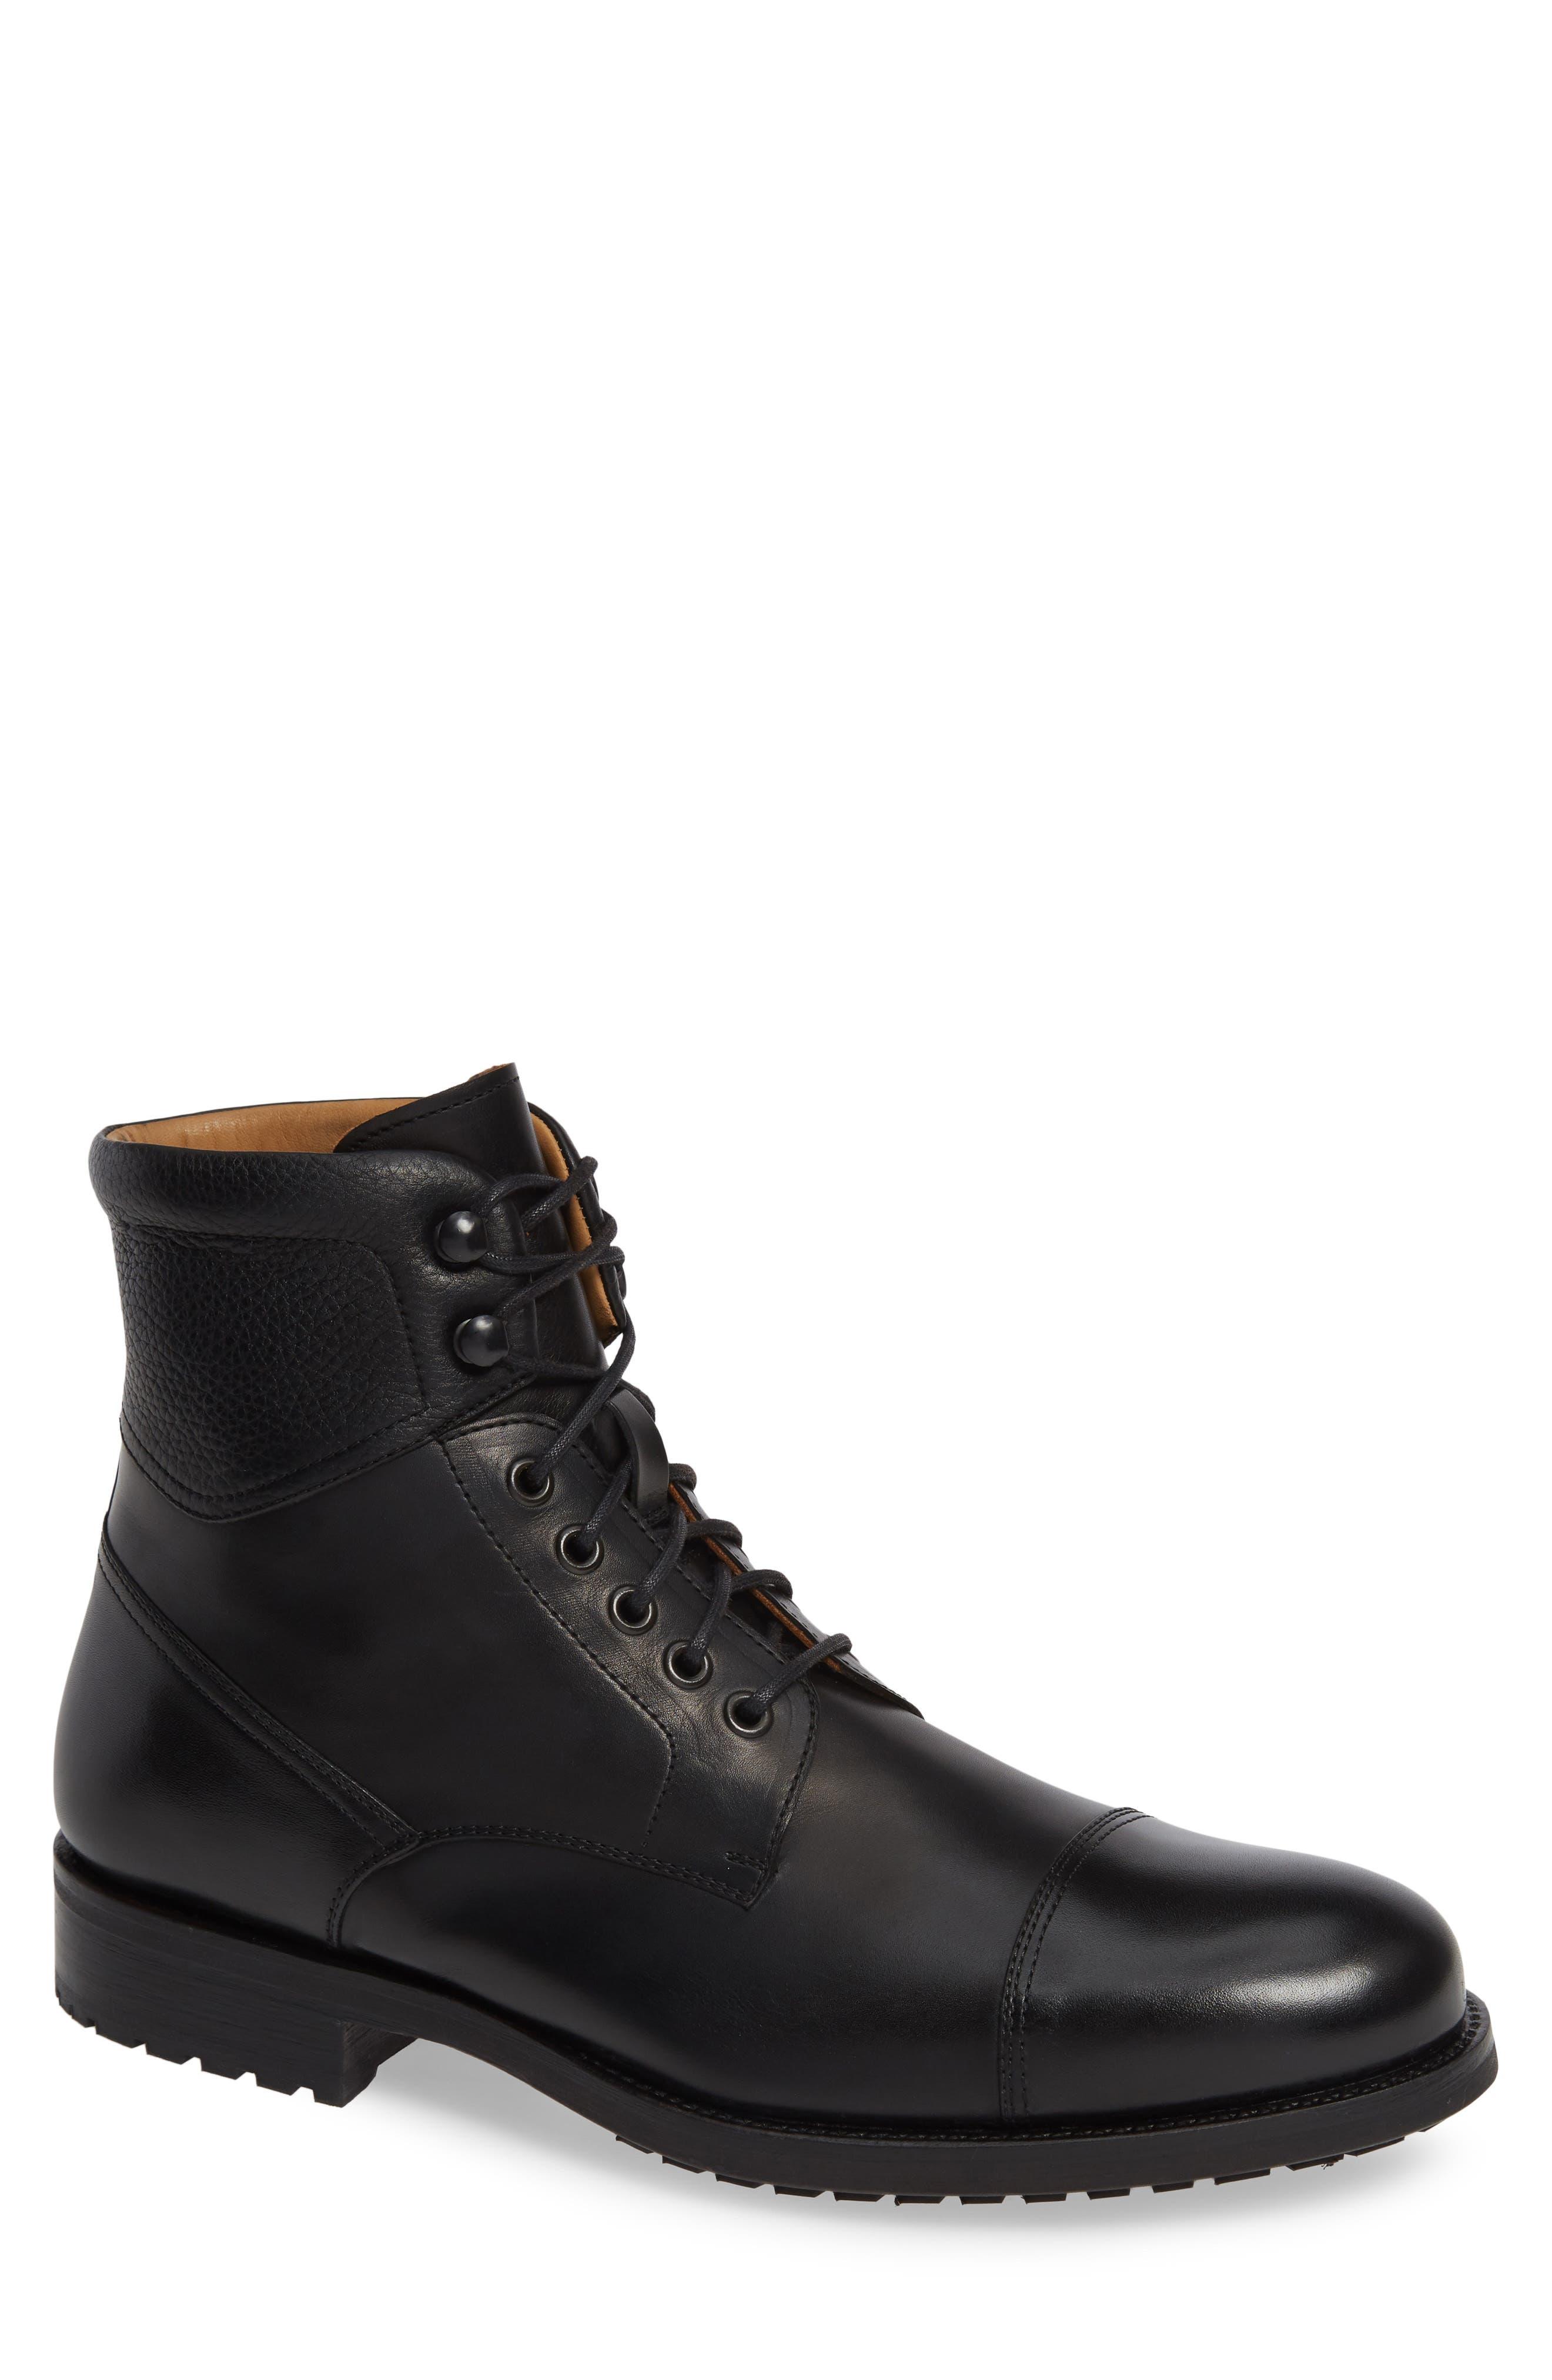 Peyton Cap Toe Boot,                             Main thumbnail 1, color,                             BLACK LEATHER